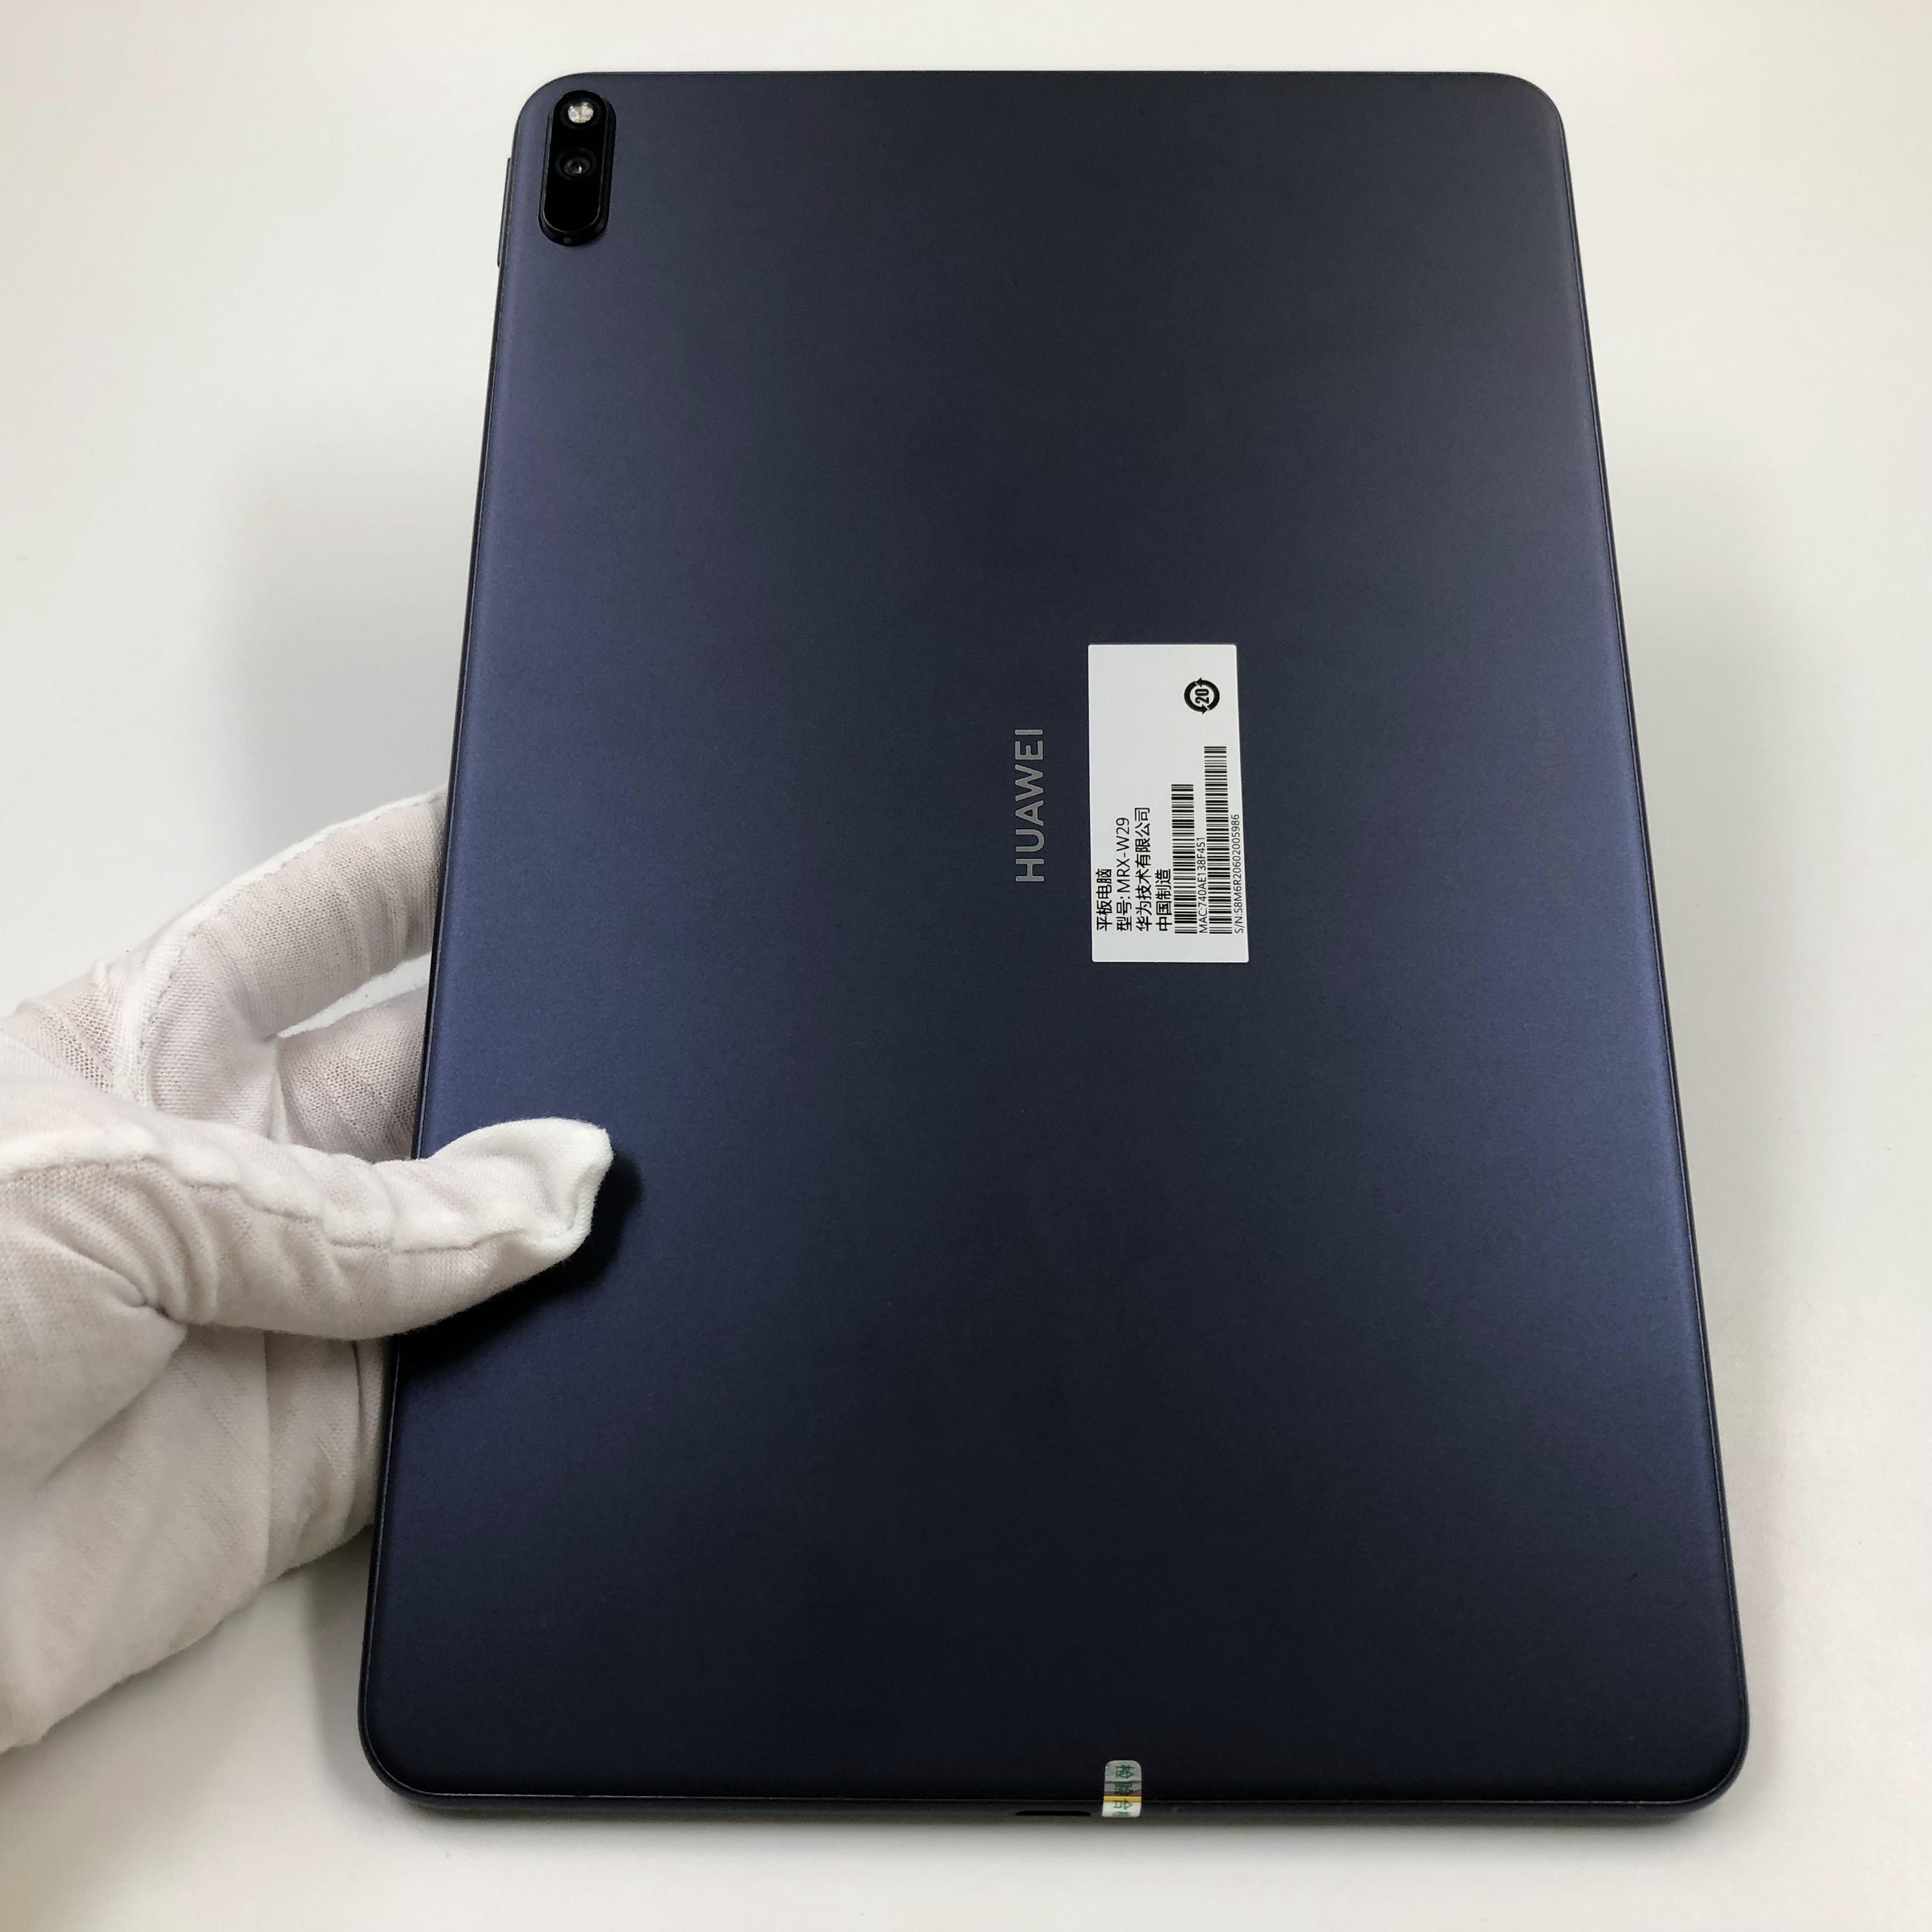 华为【平板MatePad Pro 10.8英寸】WIFI版 夜阑灰 6G/128G 国行 95新 真机实拍